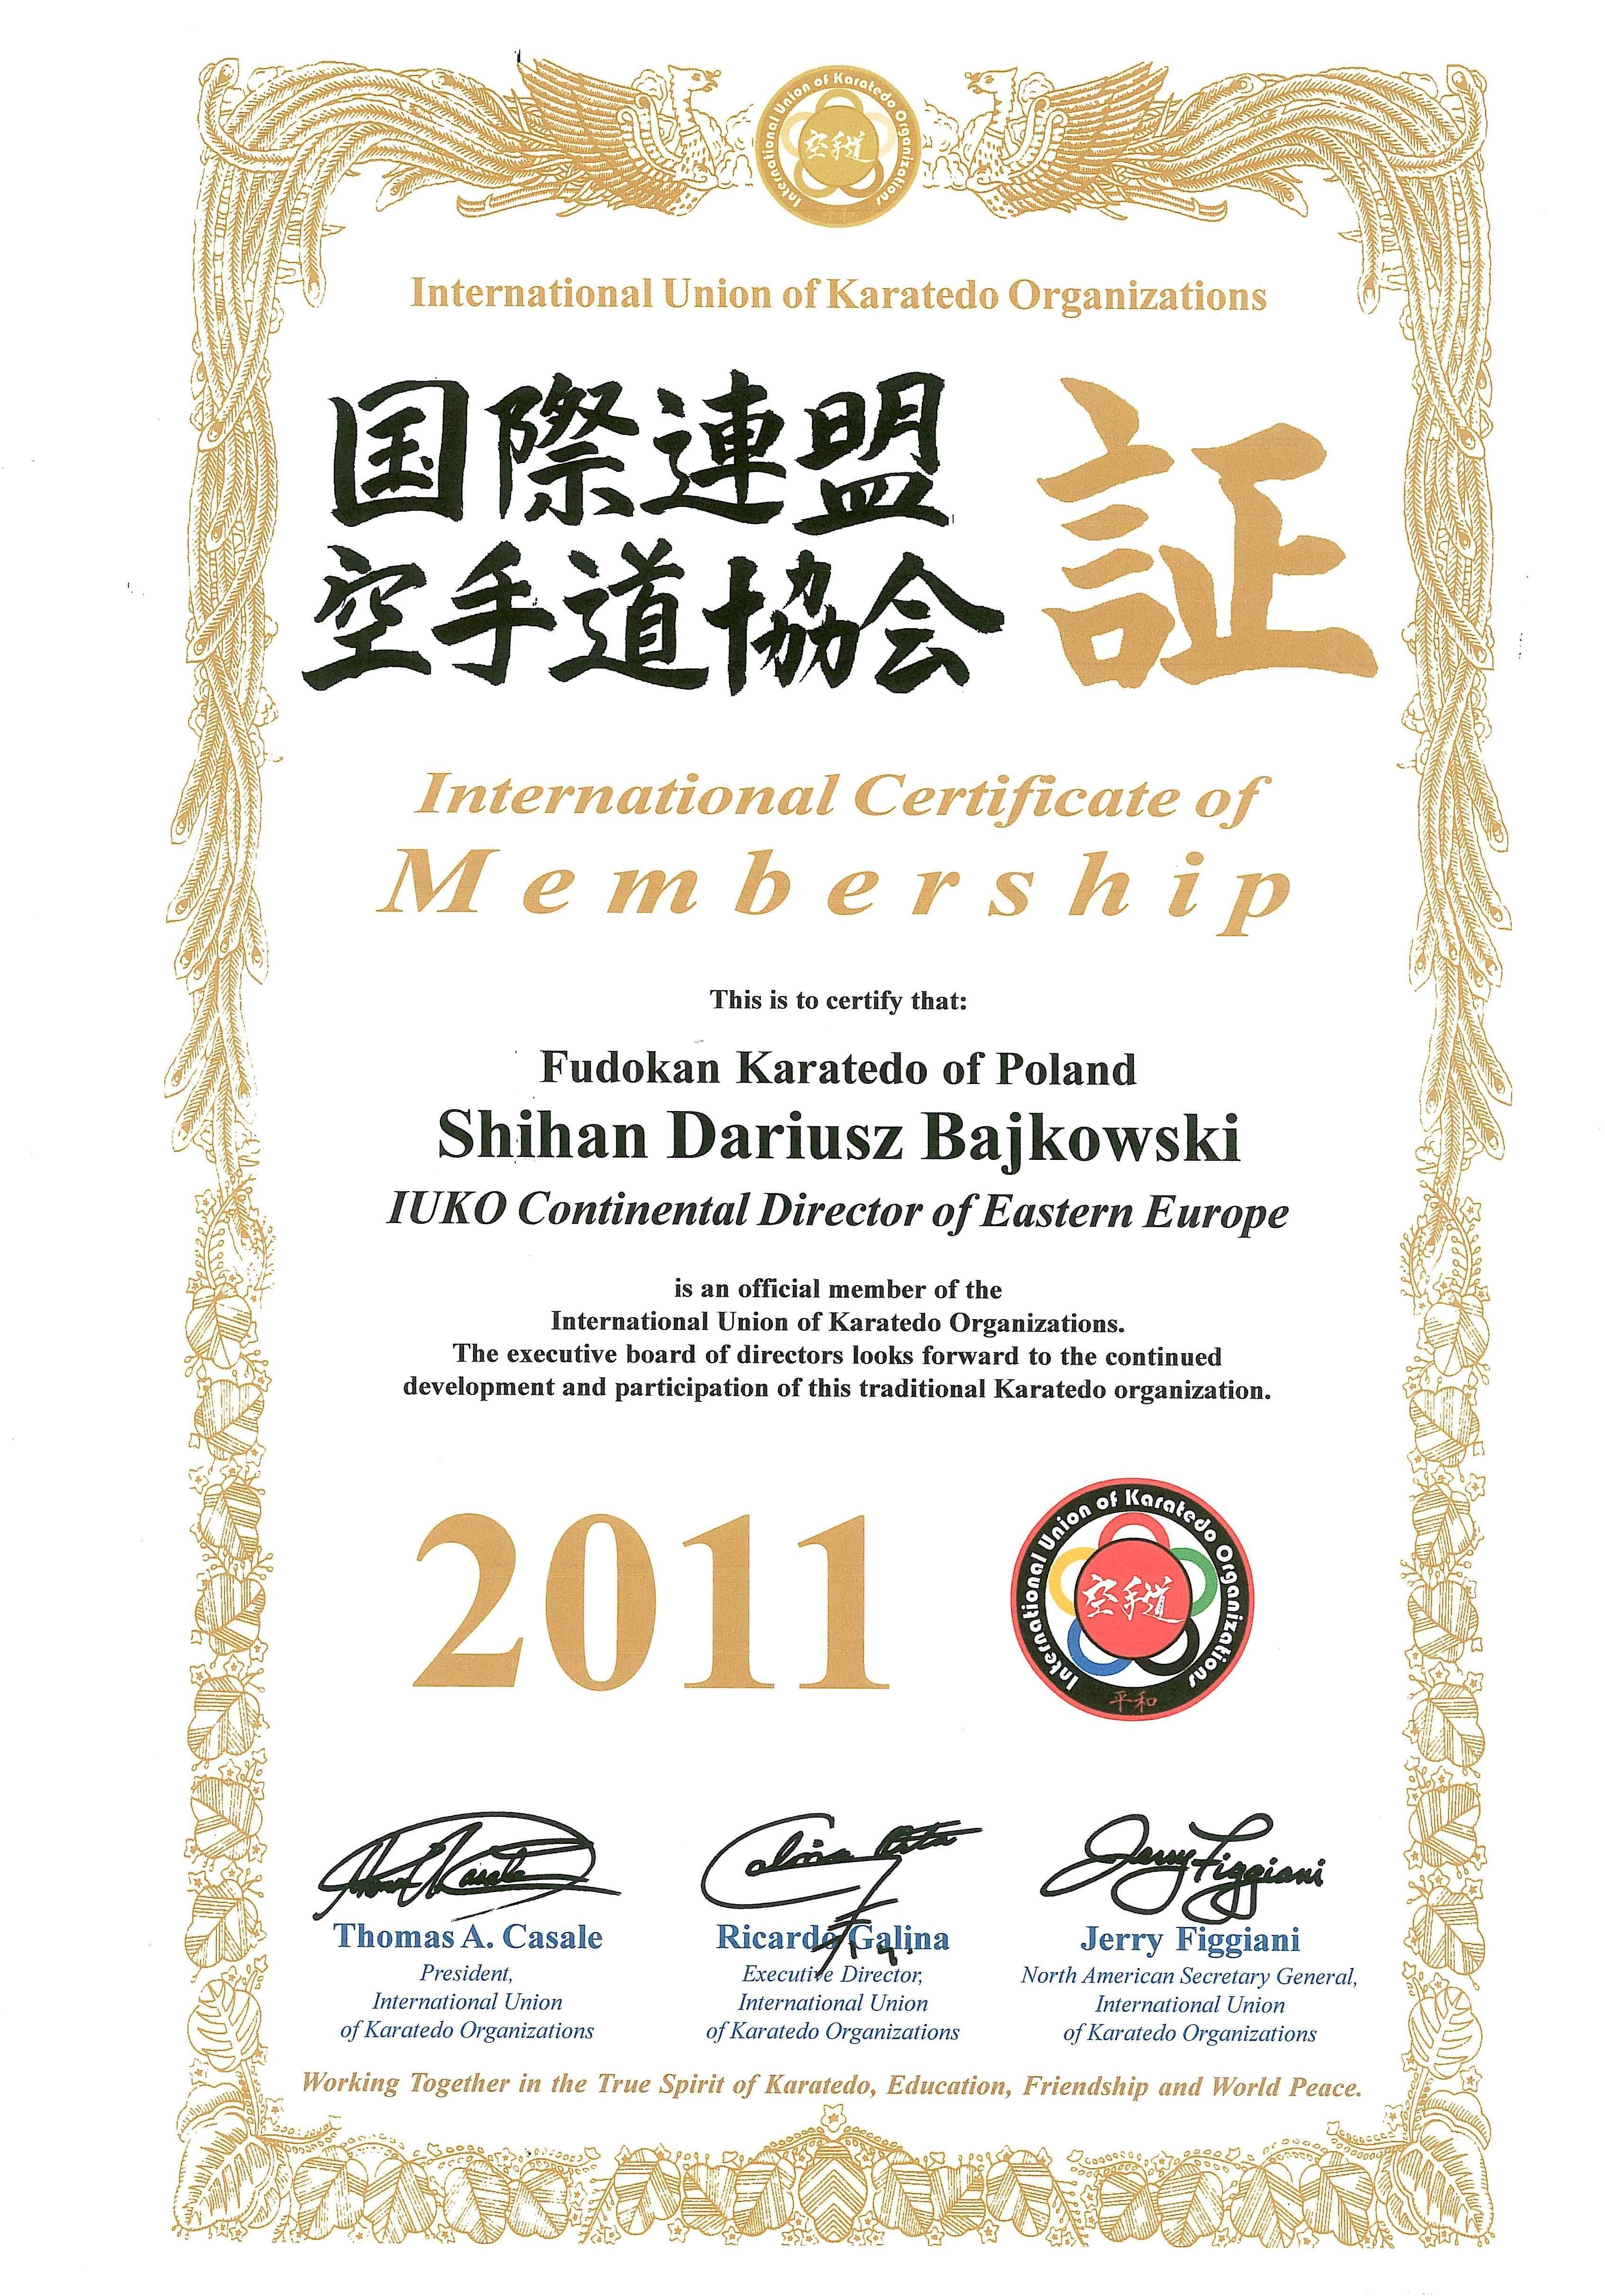 Dariusz-Bajkowski-certyfikat-IUKO-2011